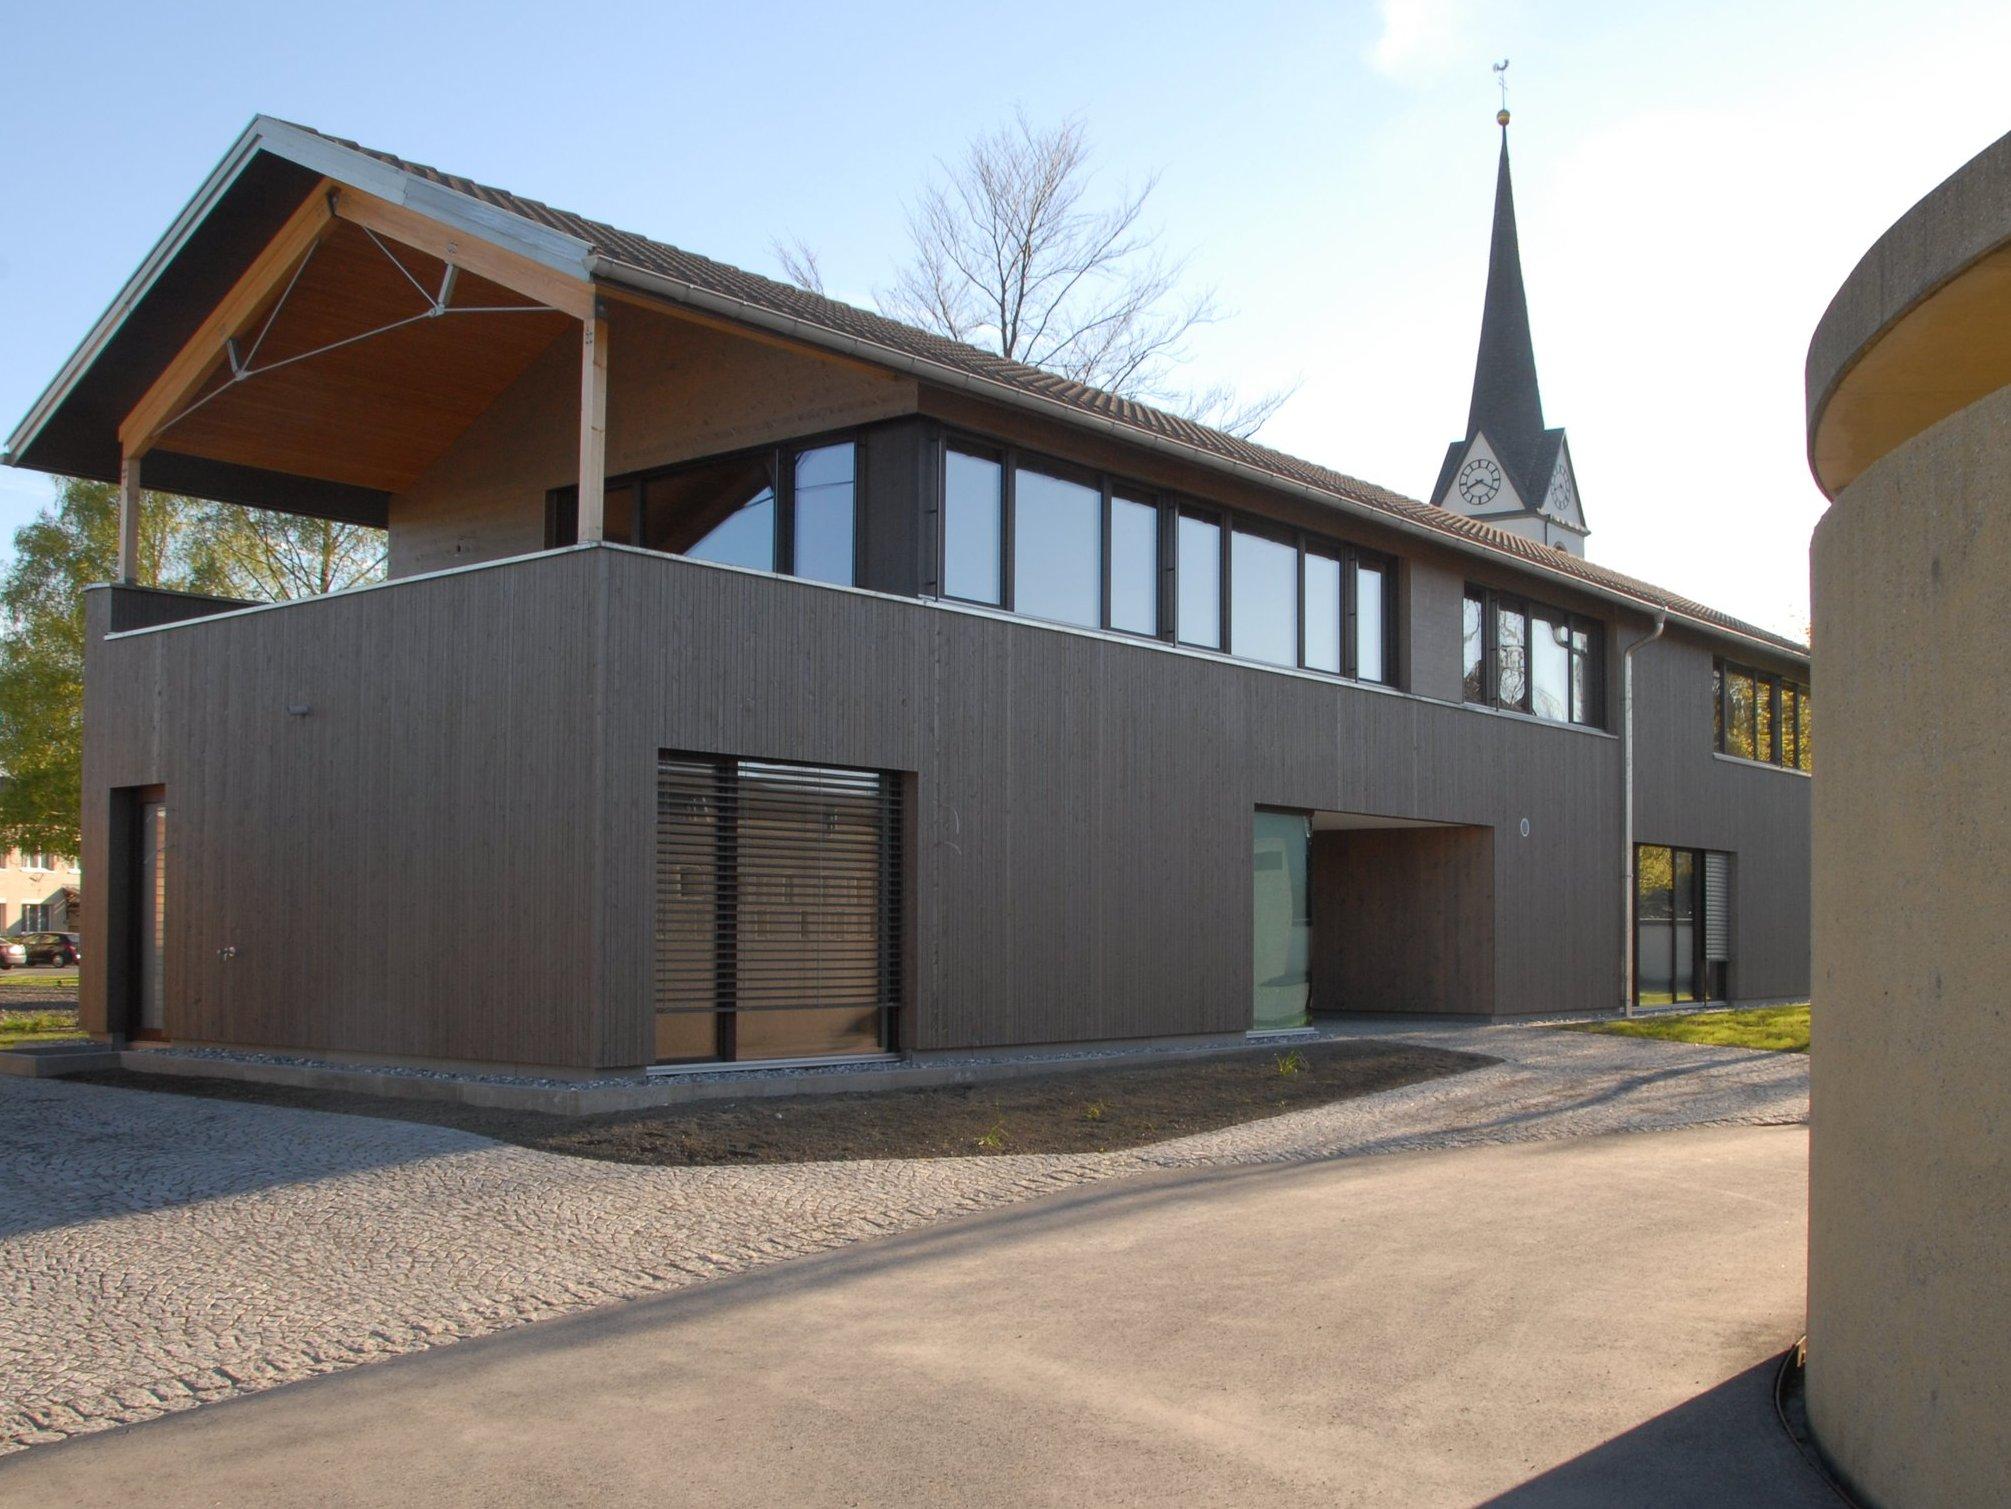 Pfarrhaus, Fussach  drexel architekten